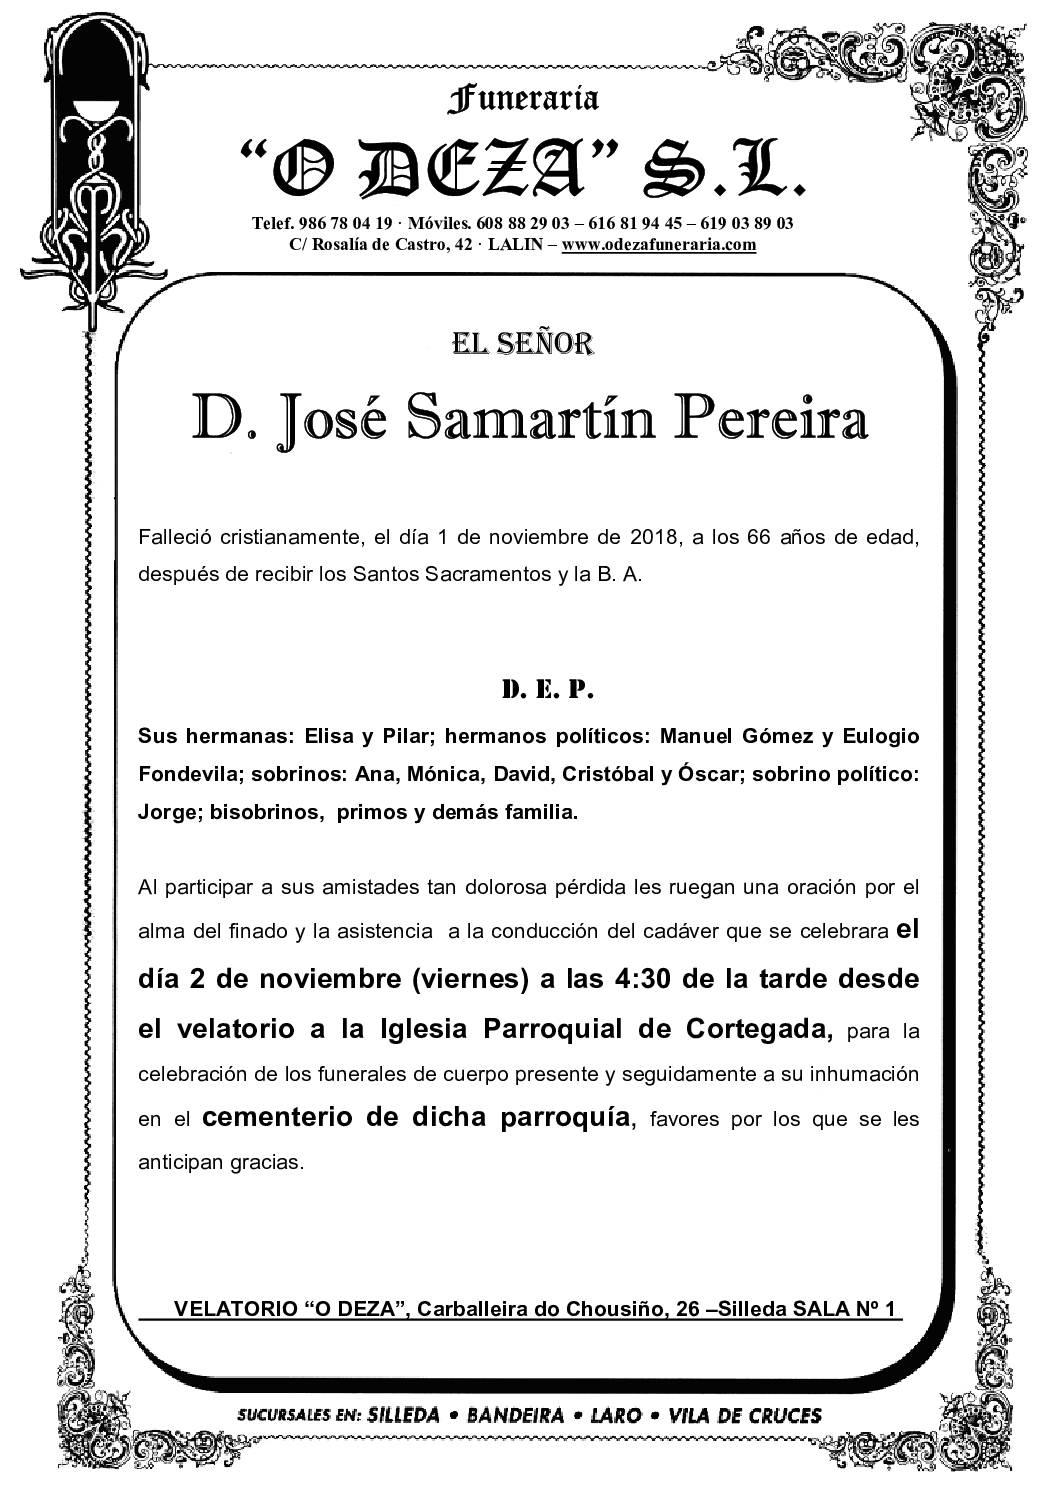 D. JOSÉ SAMARTÍN PEREIRA